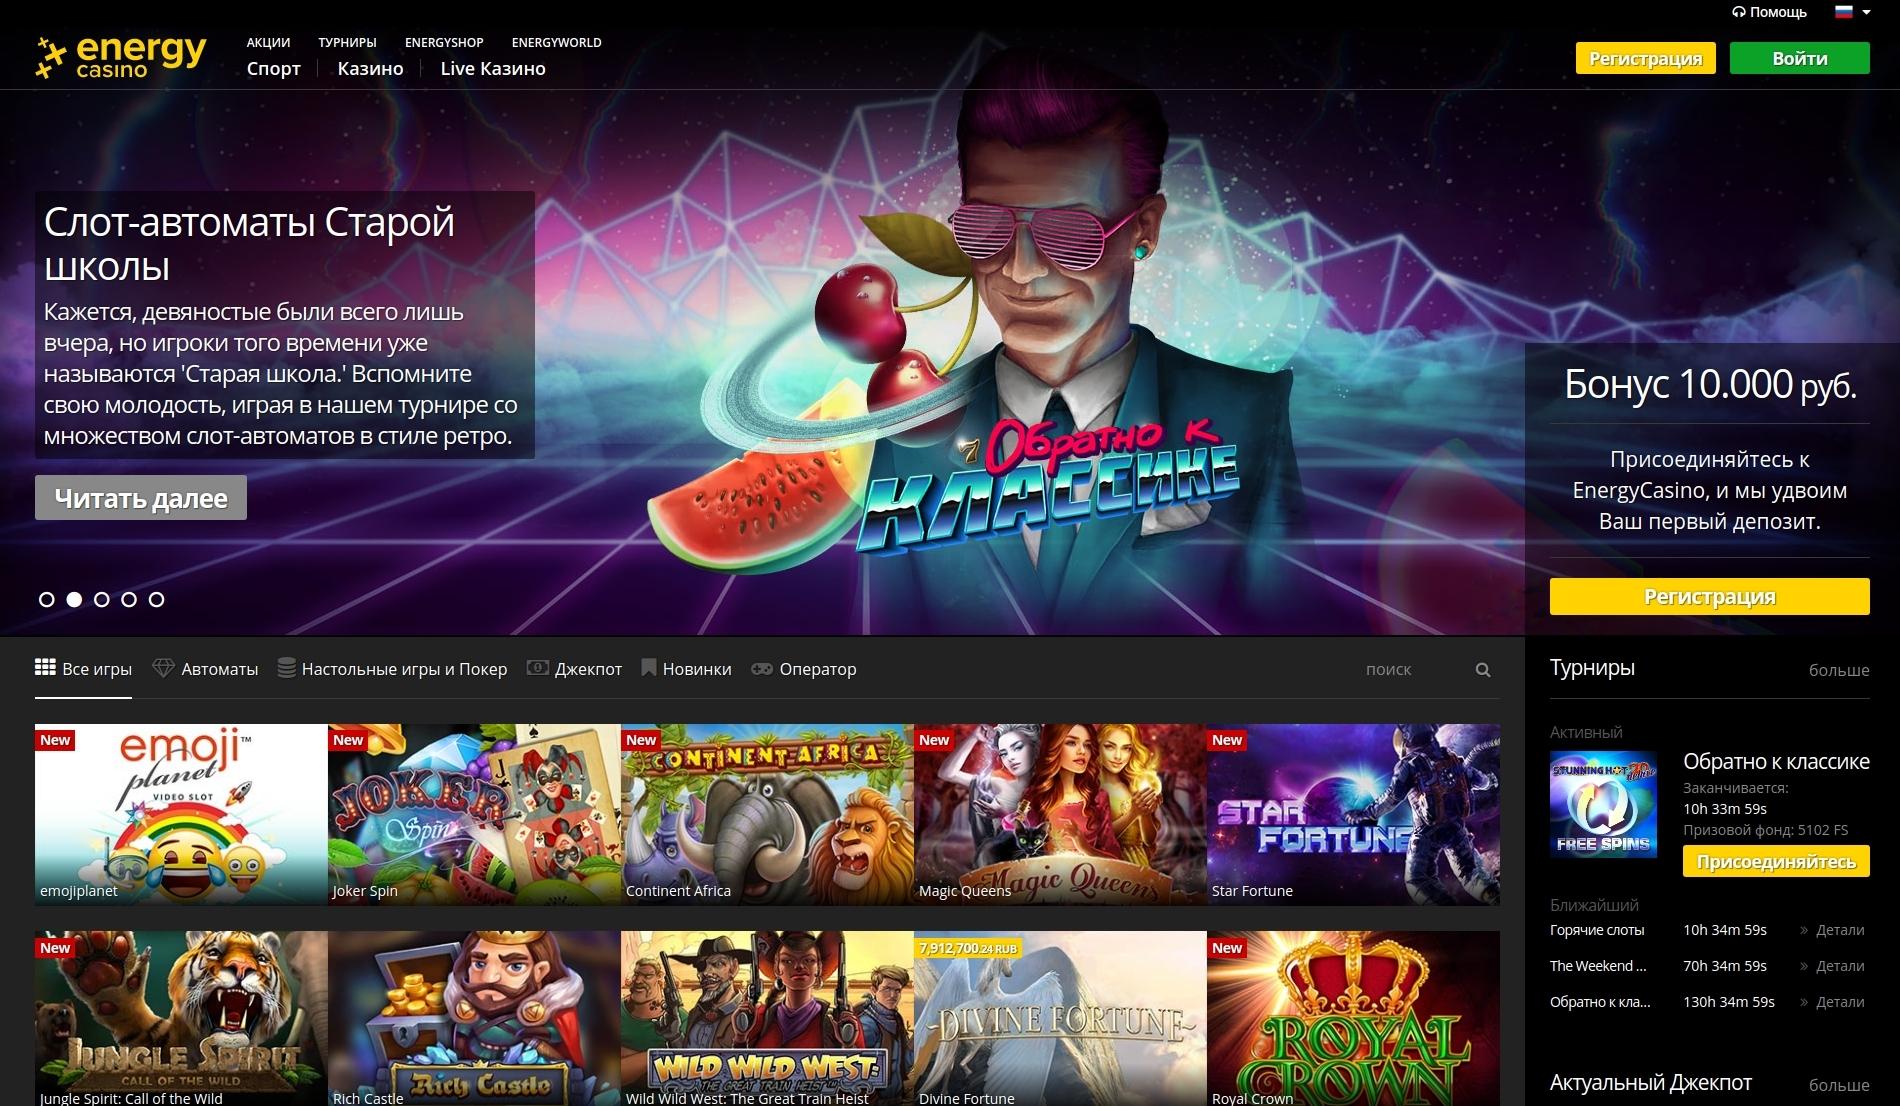 Riobet - Рейтинг лицензионных онлайн казино 2019 года